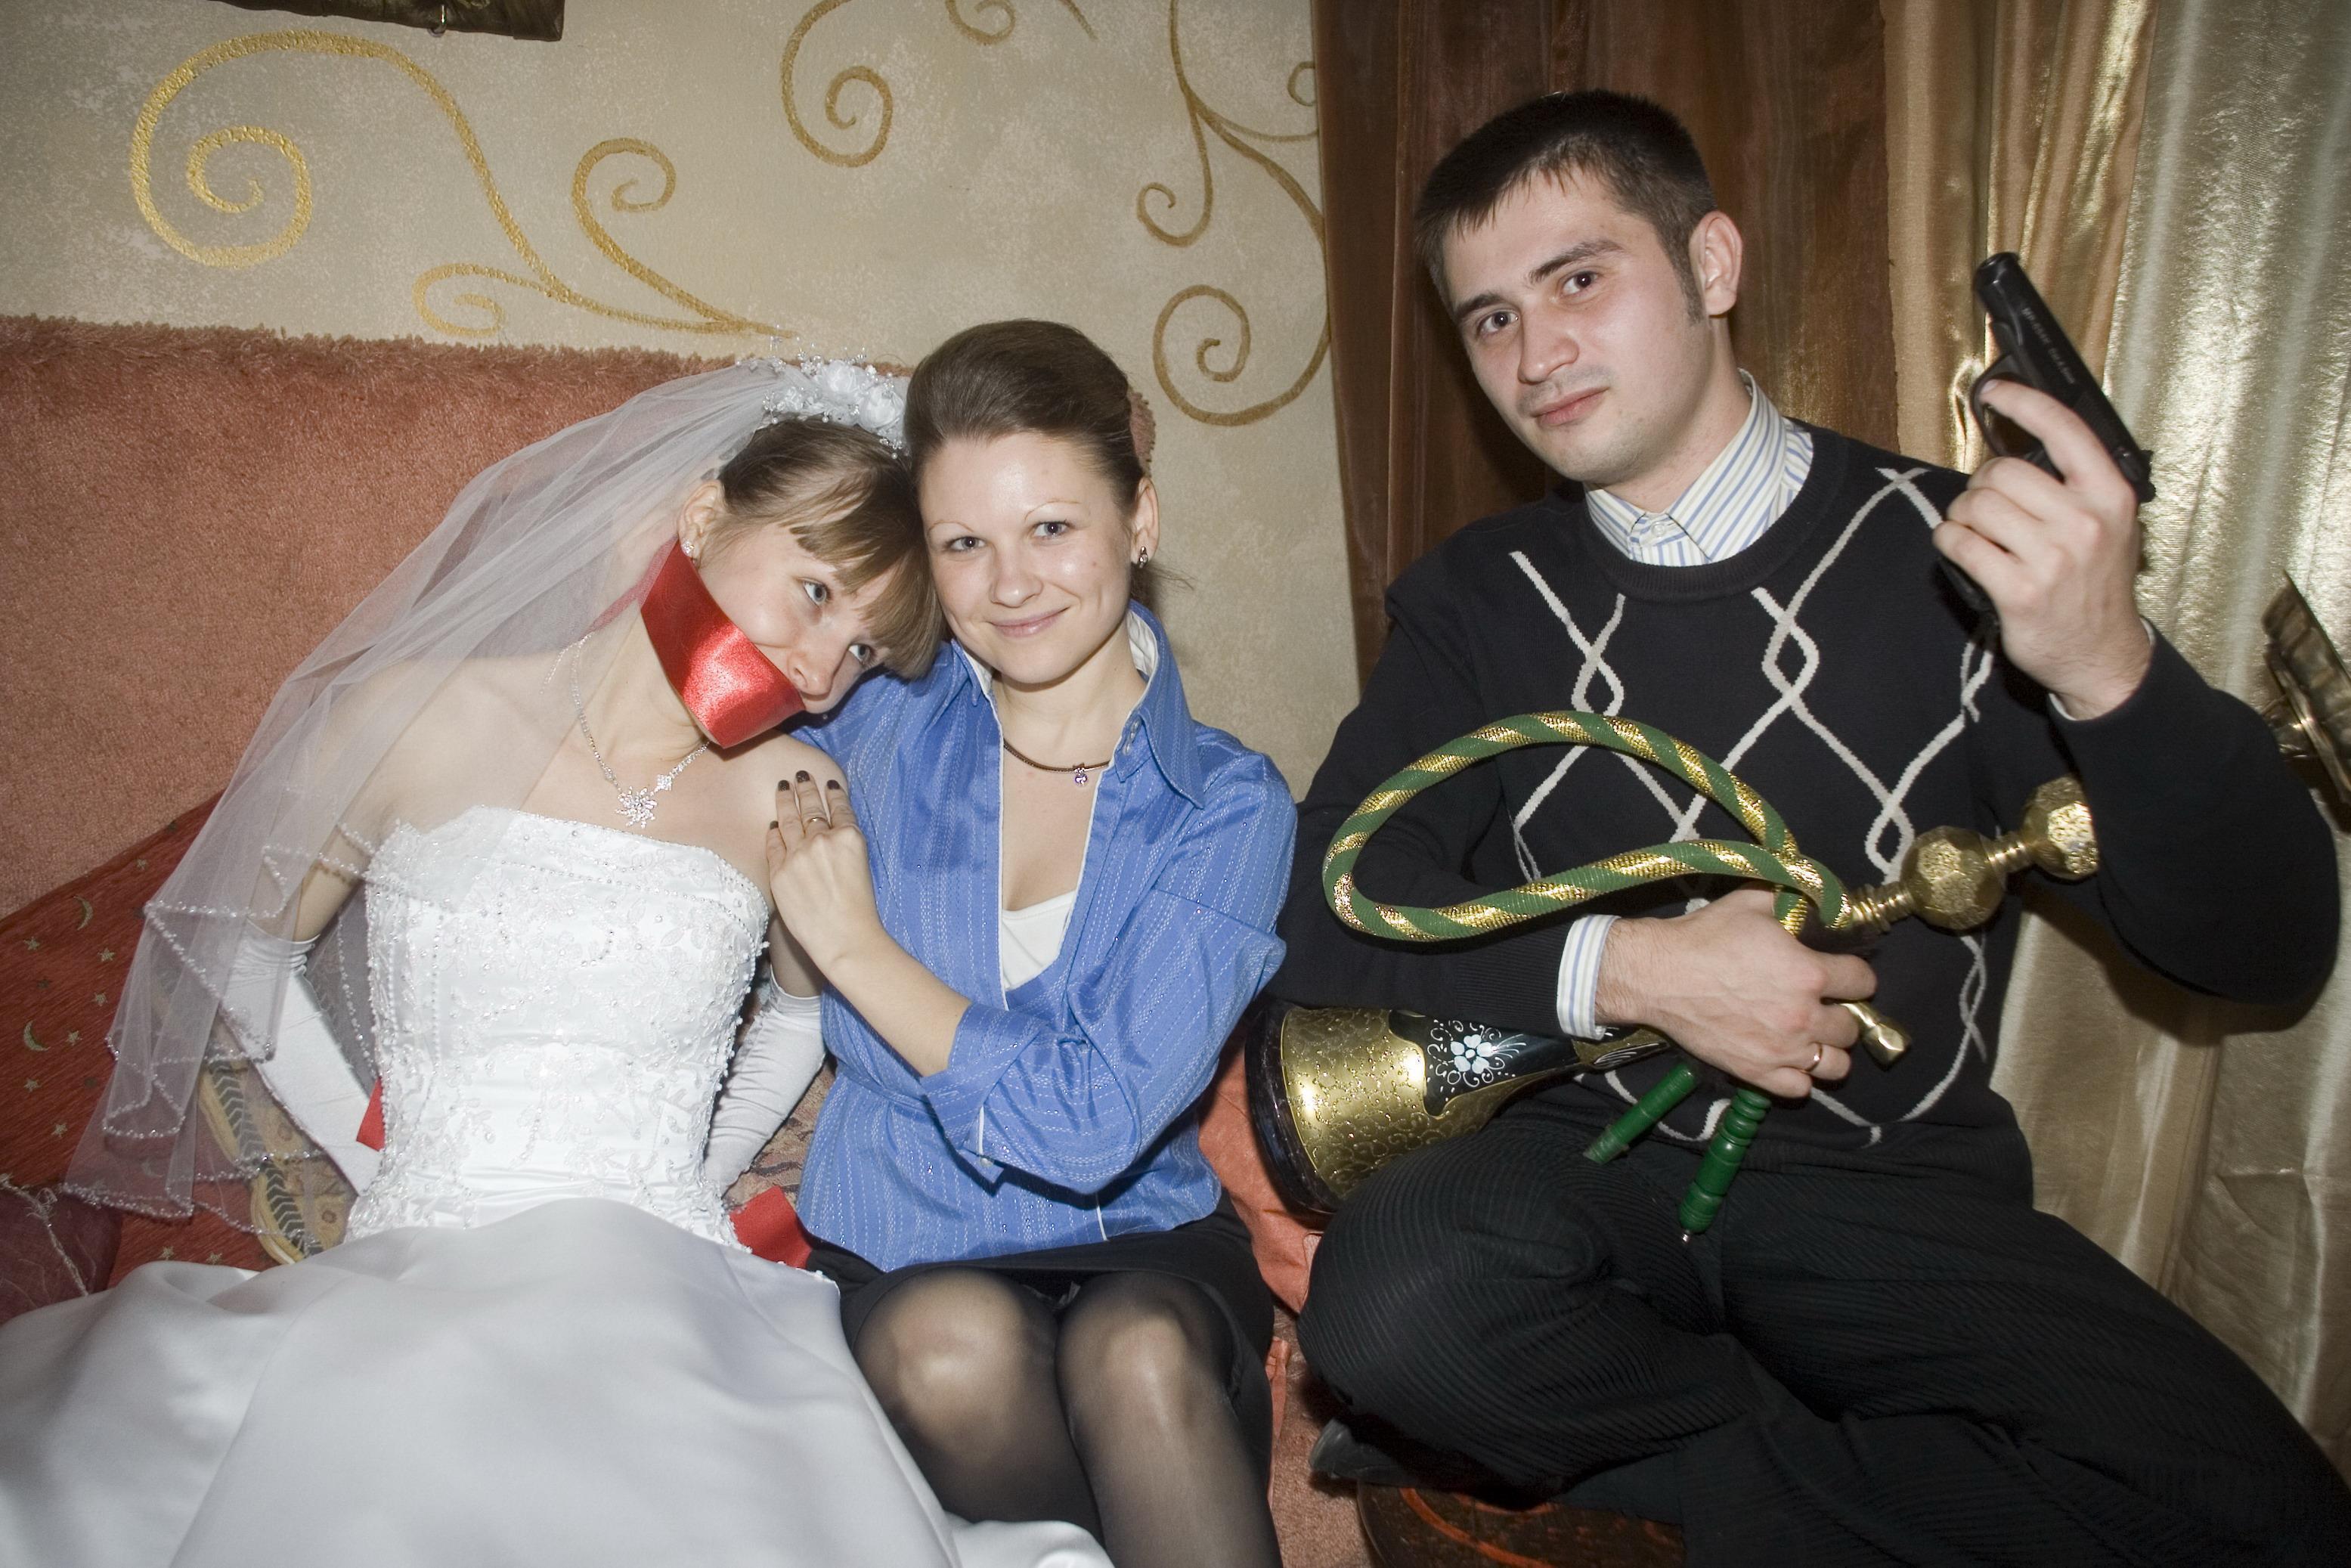 Жениха связали а невесту толпой